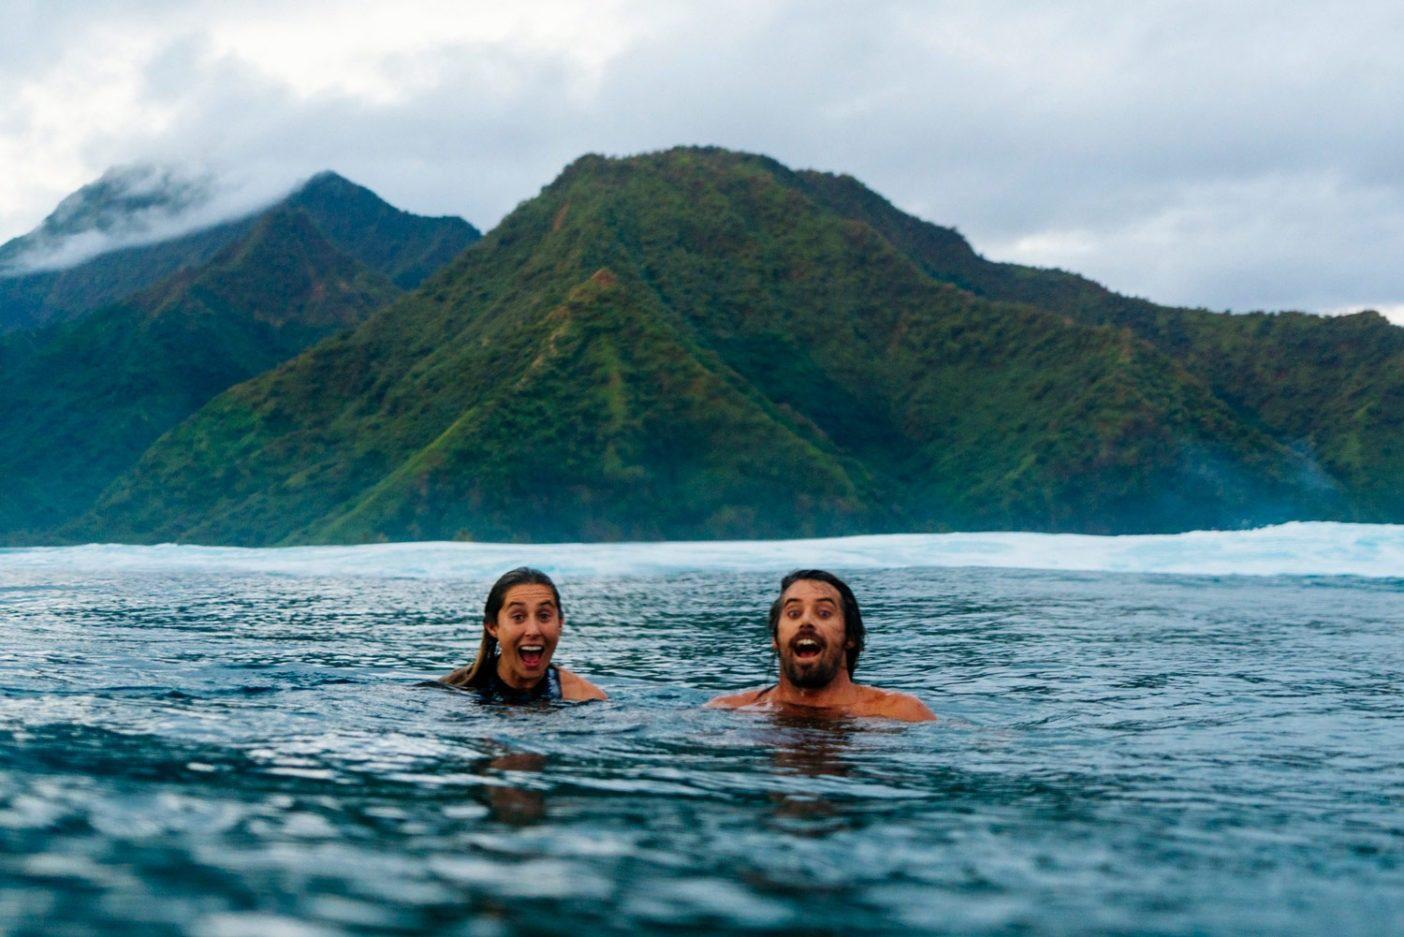 デイヴと彼のパートナーで著作家であり活動家のローレン・ヒル。これは彼女にとって初のチョープーでのサーフィンだった。彼女はとにかくチャージしていた!Photo: Donnie Hedden